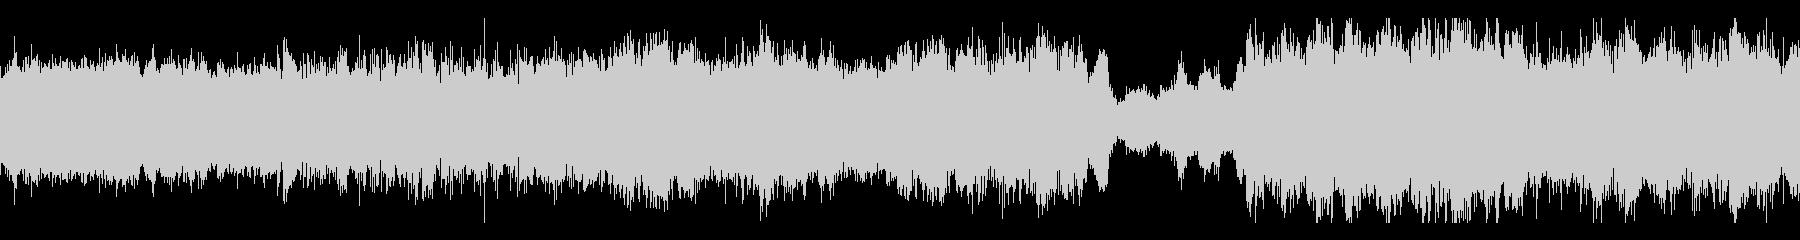 ark01の別ver壮大なエレクトロニカの未再生の波形